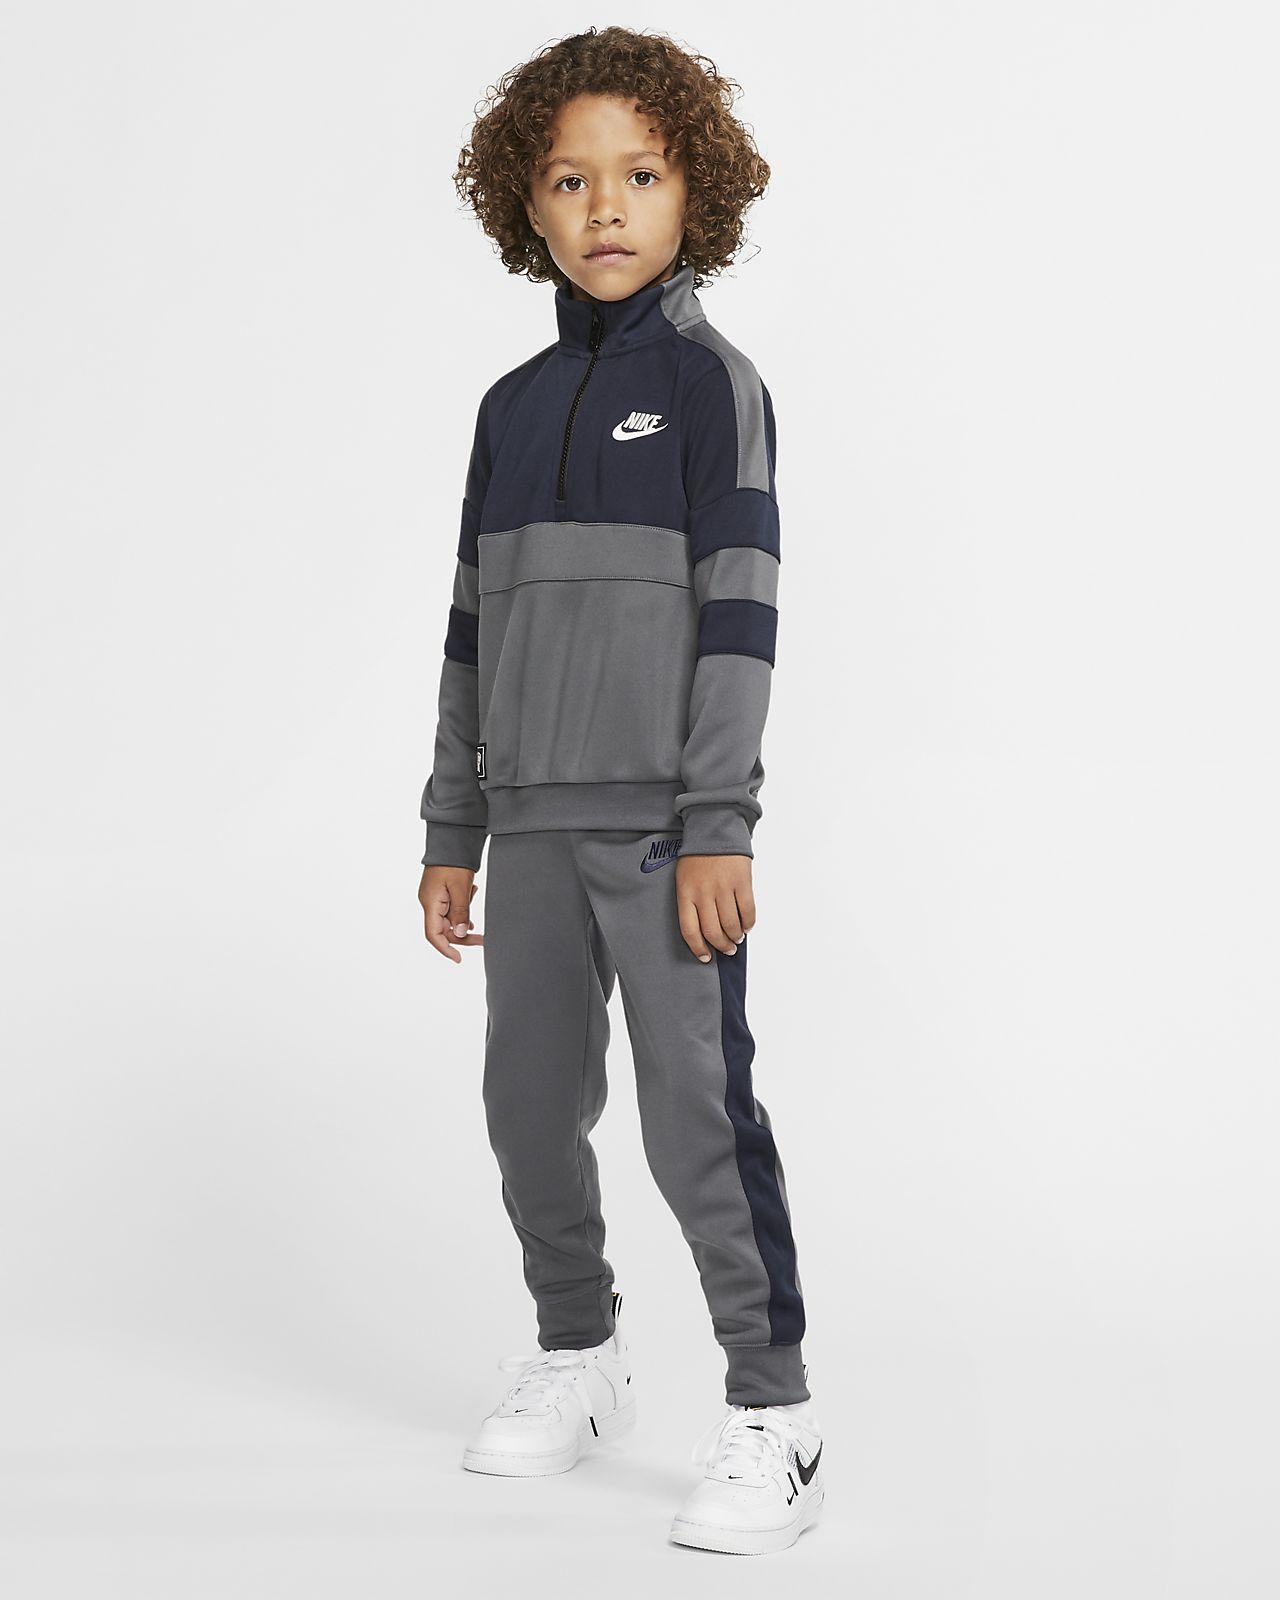 Tvådelat set Nike Air för barn